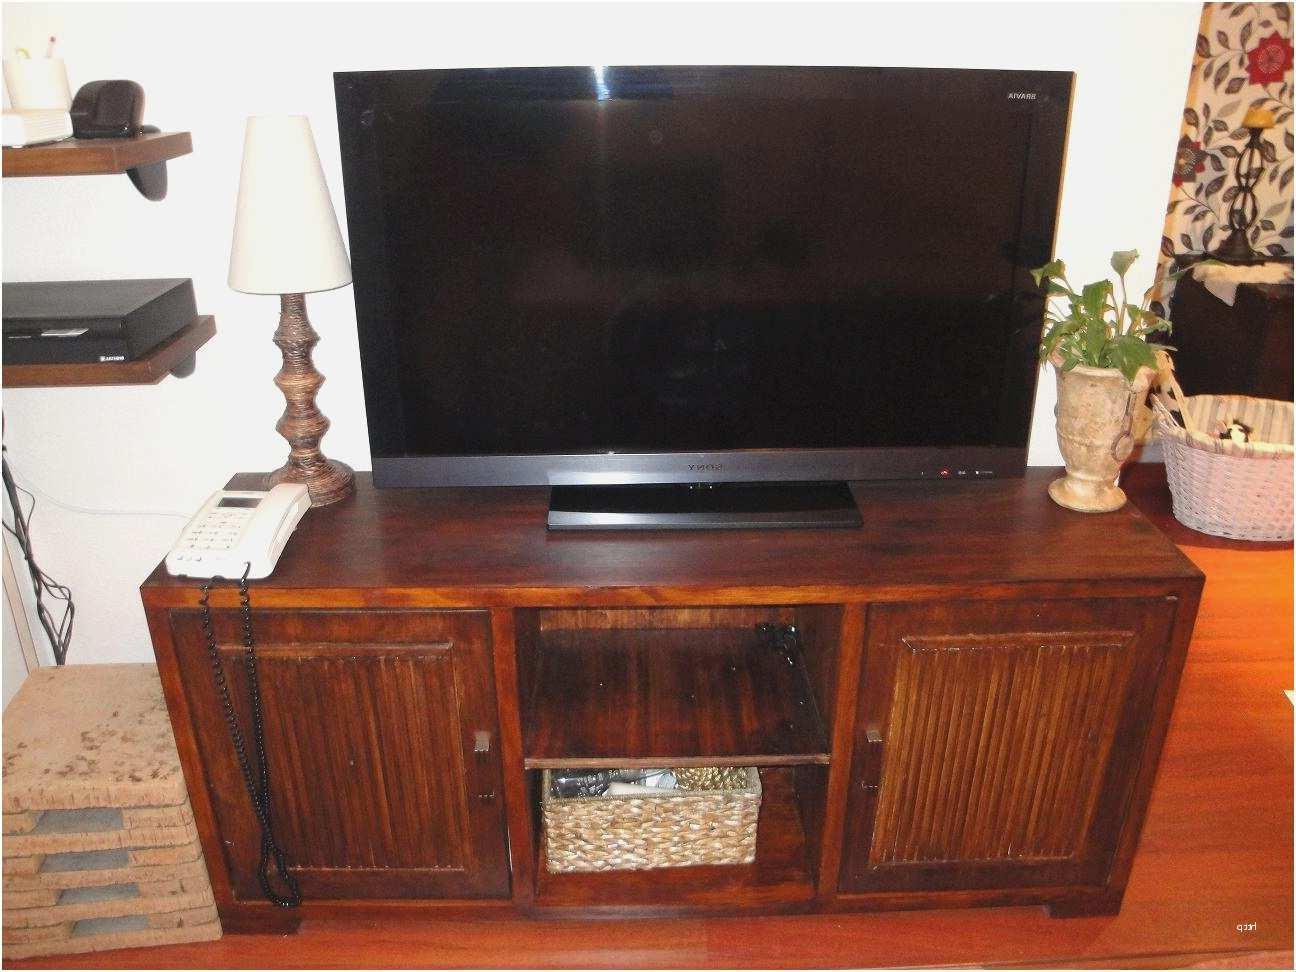 4 Opciones Para Restaurar Muebles De Madera Thdr 4 Opciones Para Restaurar Muebles De Madera Ideas De Muebles